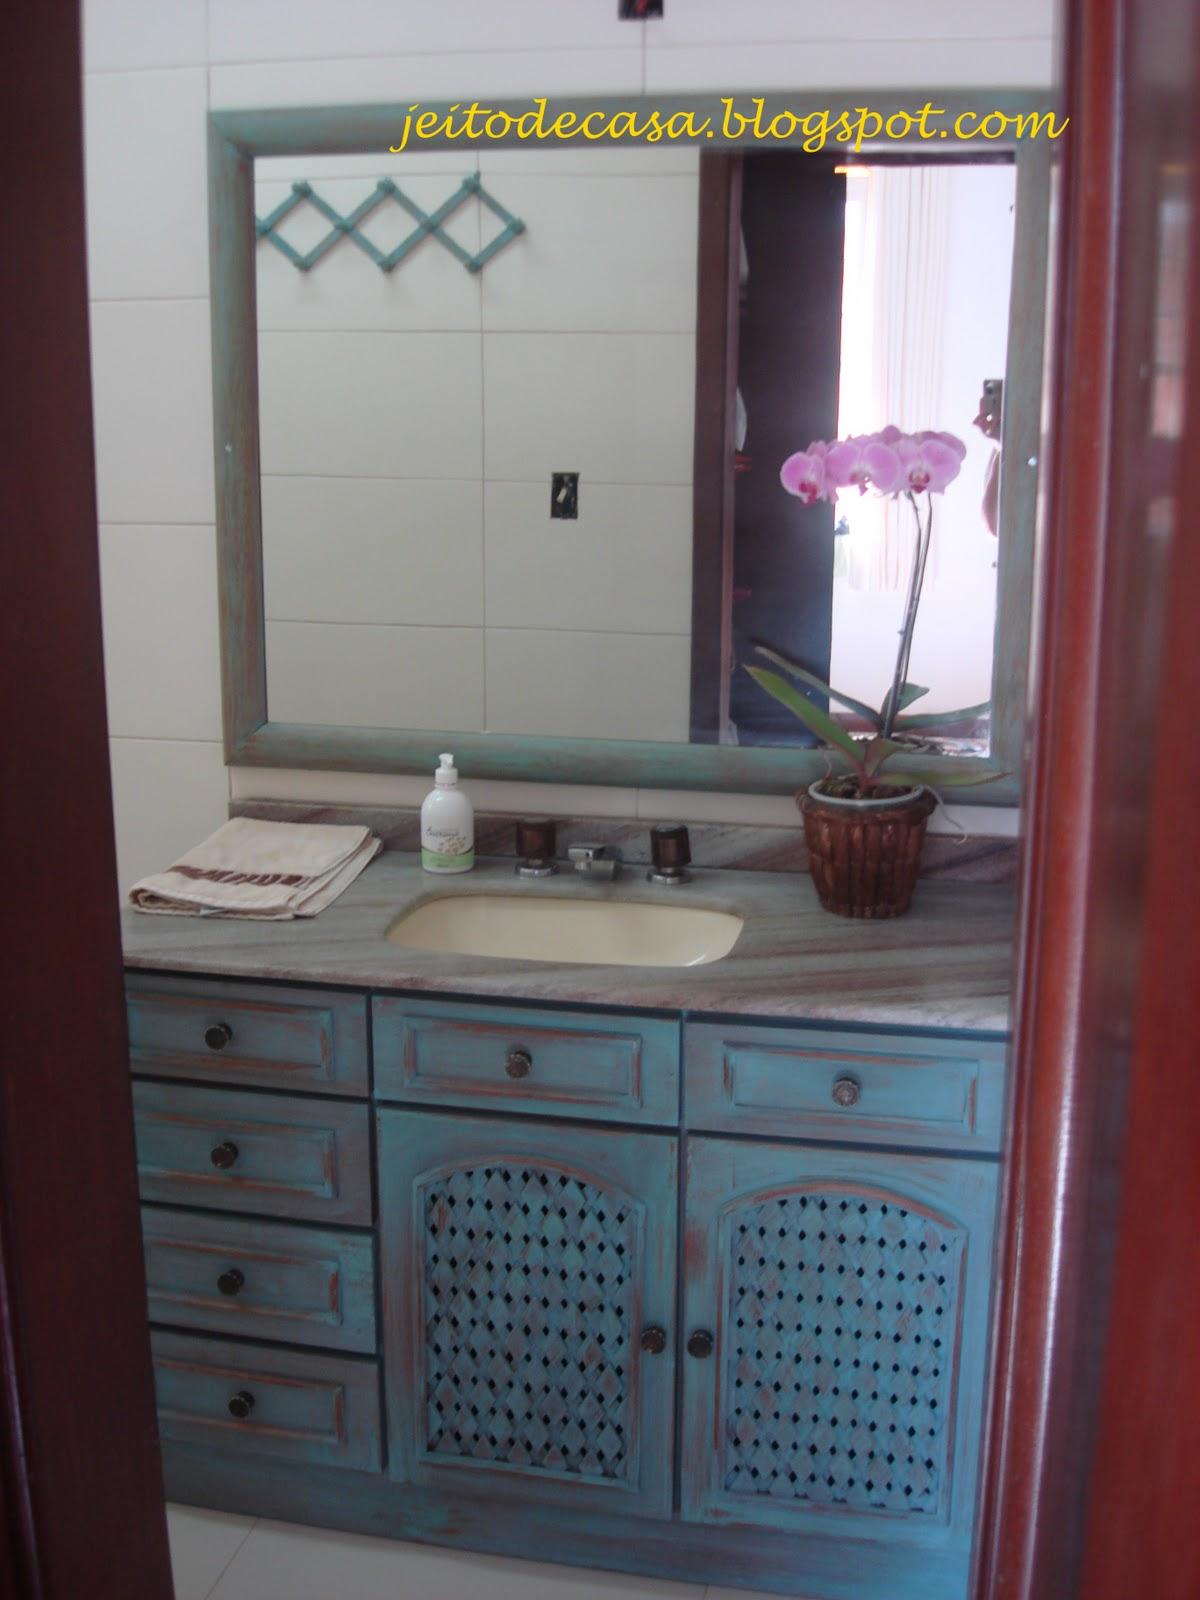 decoracao banheiro velho : decoracao banheiro velho:Reformando o velho armarinho do banheiro!! – Jeito de Casa – Blog de